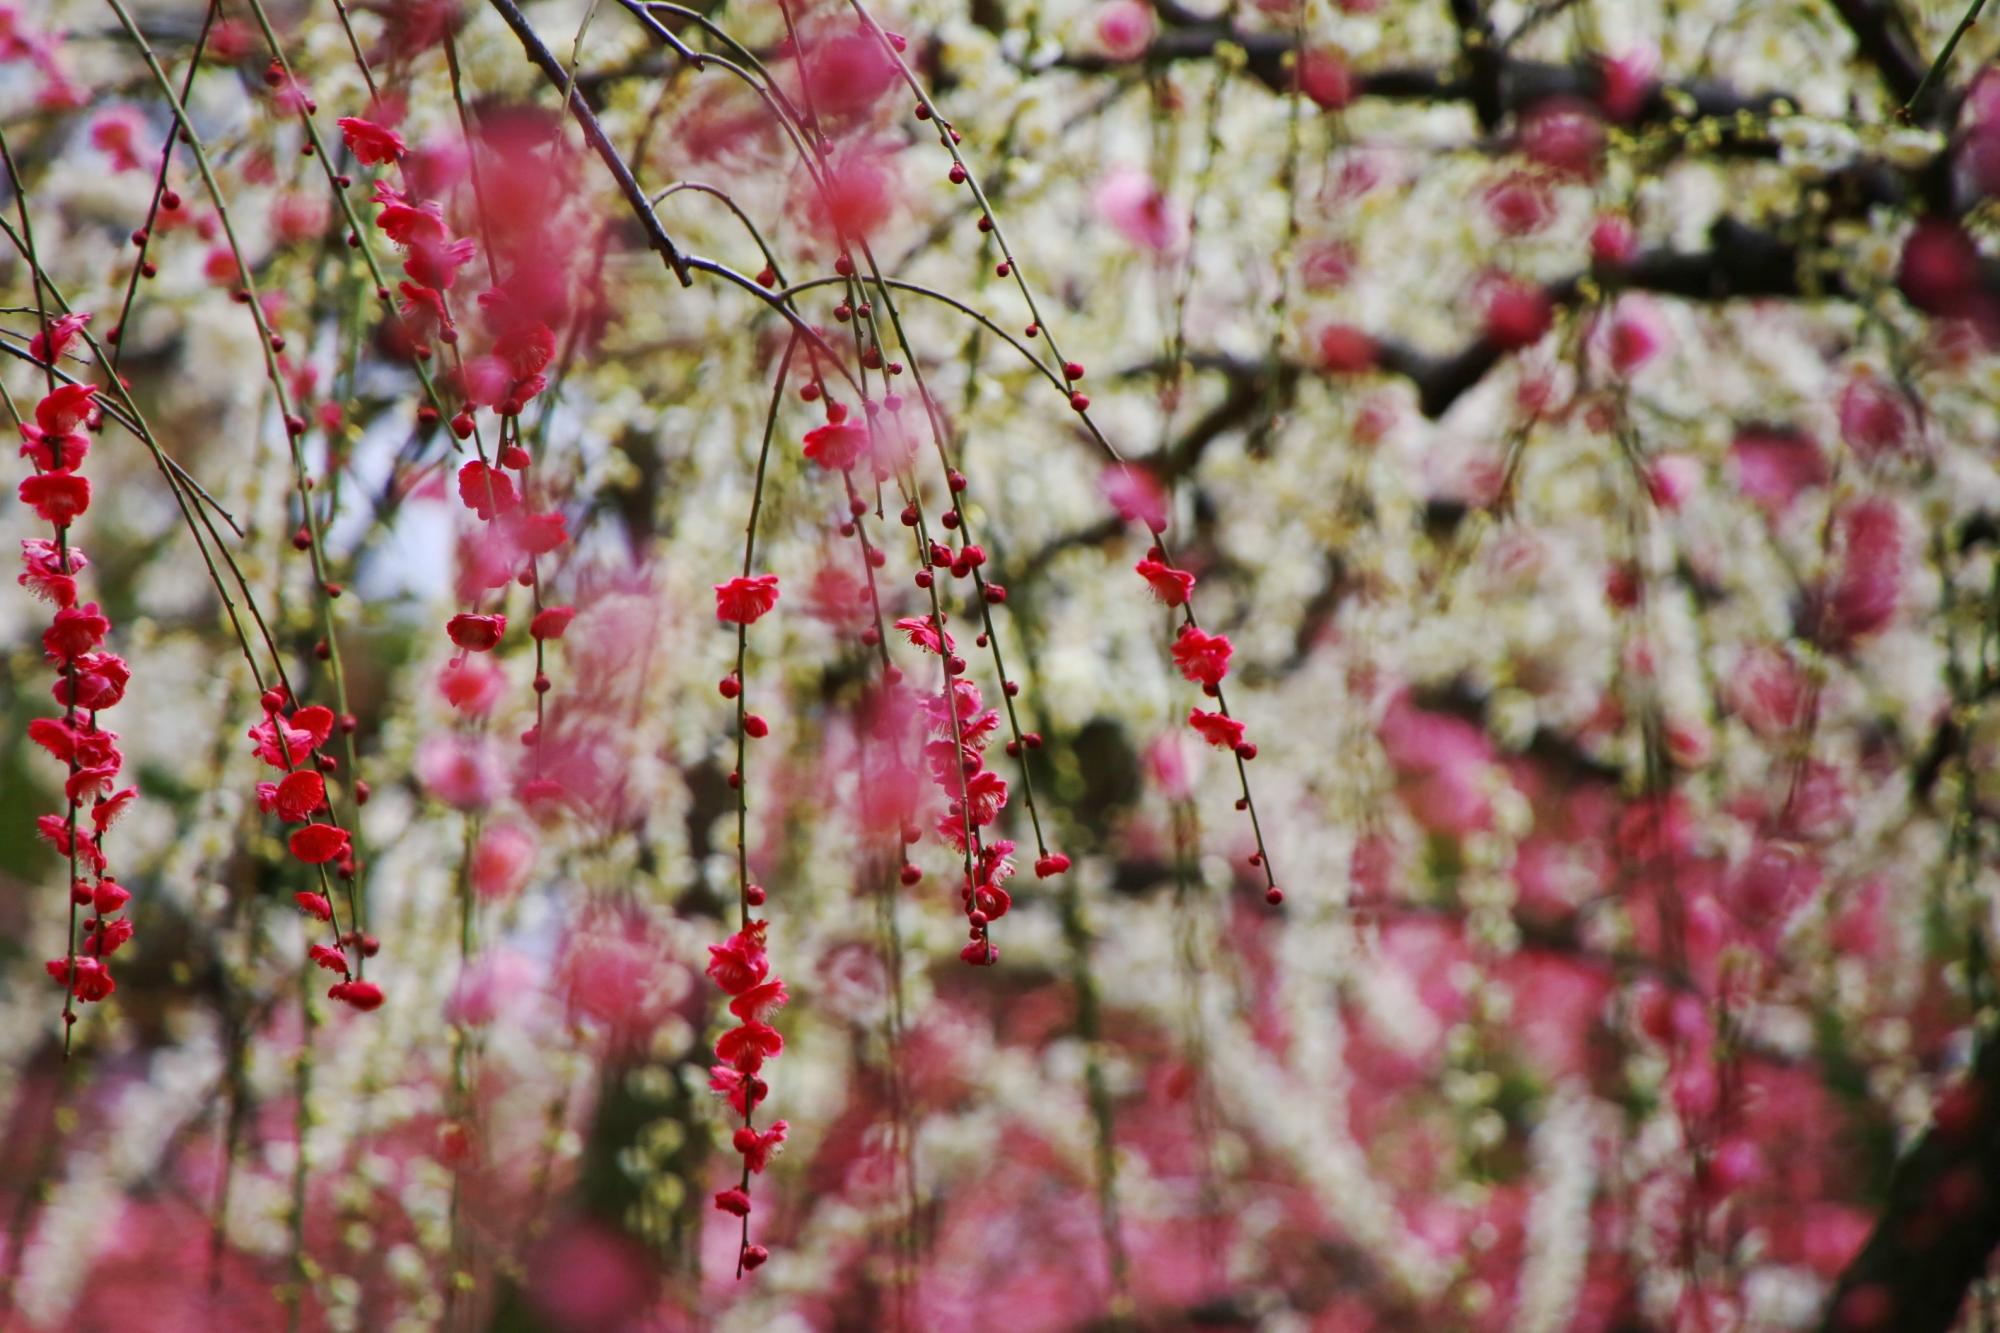 白い梅を背景にした鮮やかな彩りのピンクの梅